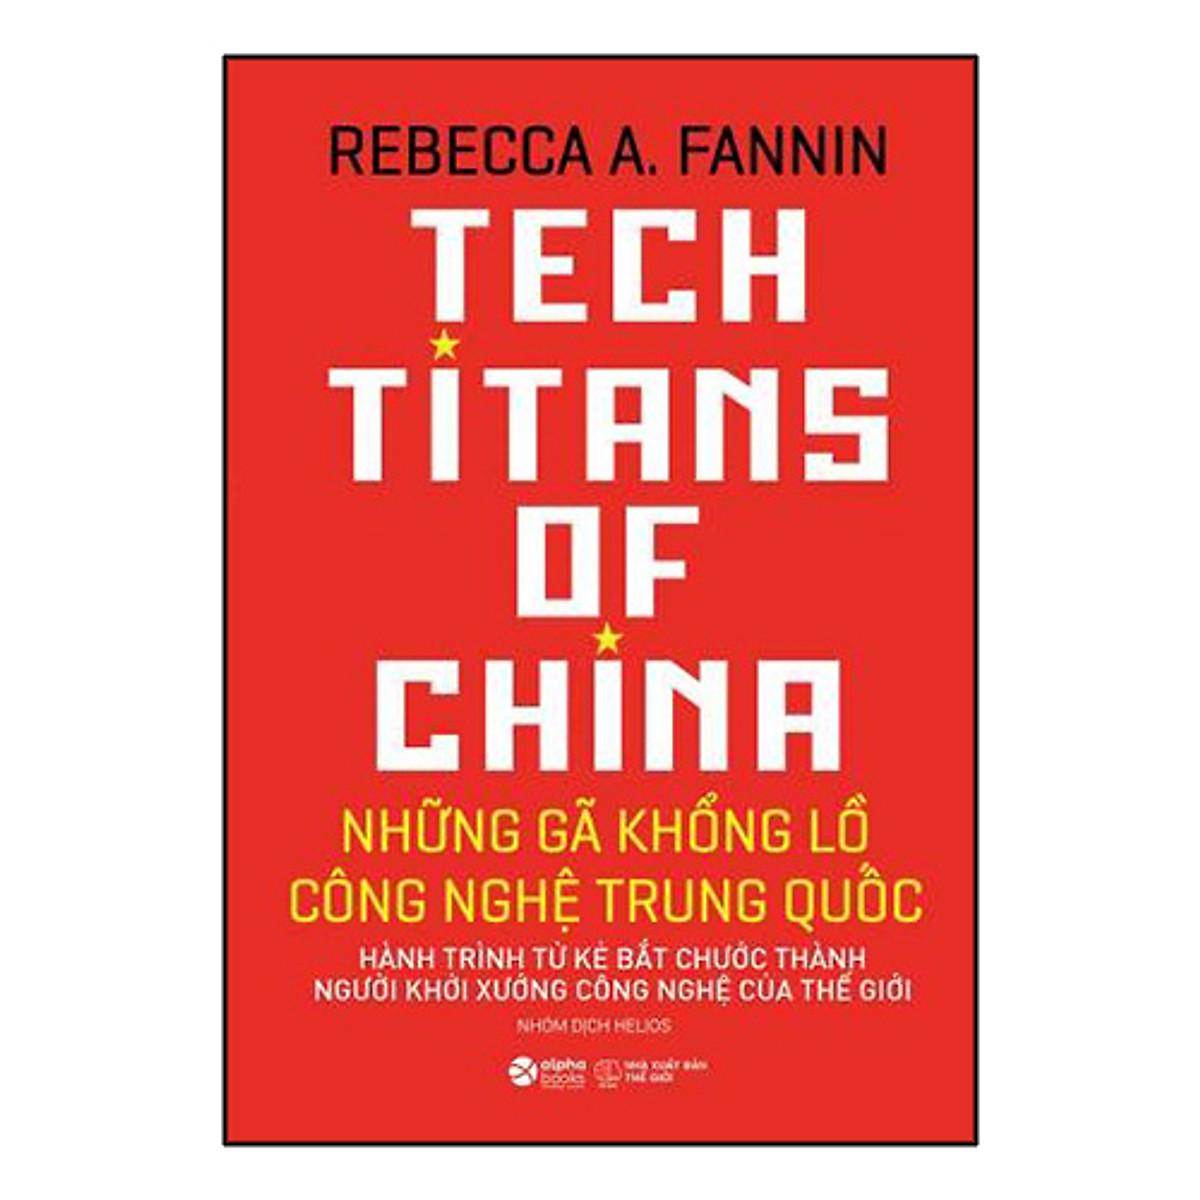 Combo Bí Mật Của Những Bá Chú Trong Ngành IT Thế Giới : Những Gã Khổng Lồ Công Nghệ Trung Quốc + Những Đế Chế Công Nghệ